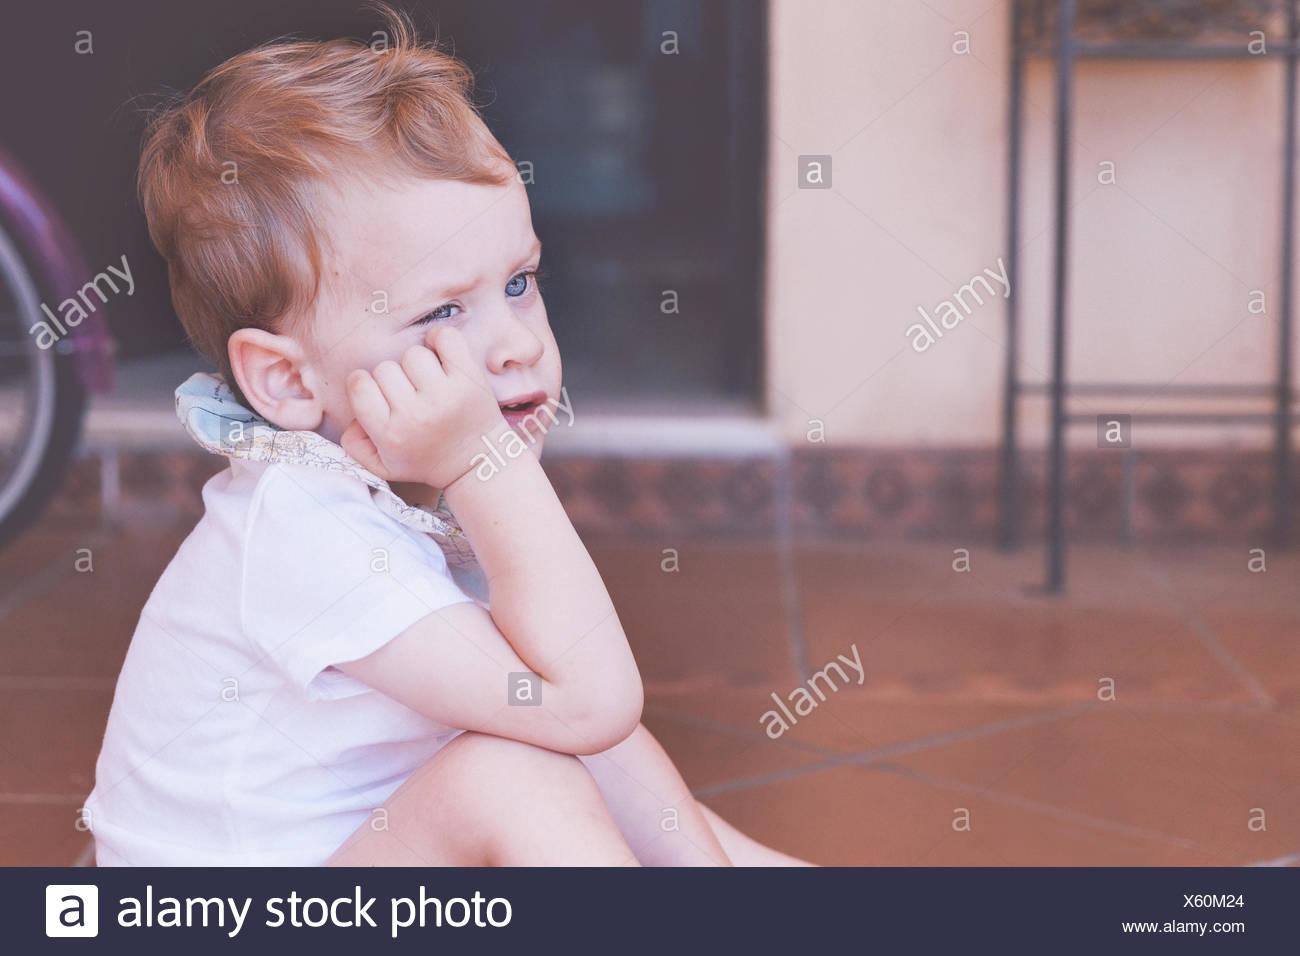 Junge sitzt auf Boden mit Hand am Kinn Stockfoto